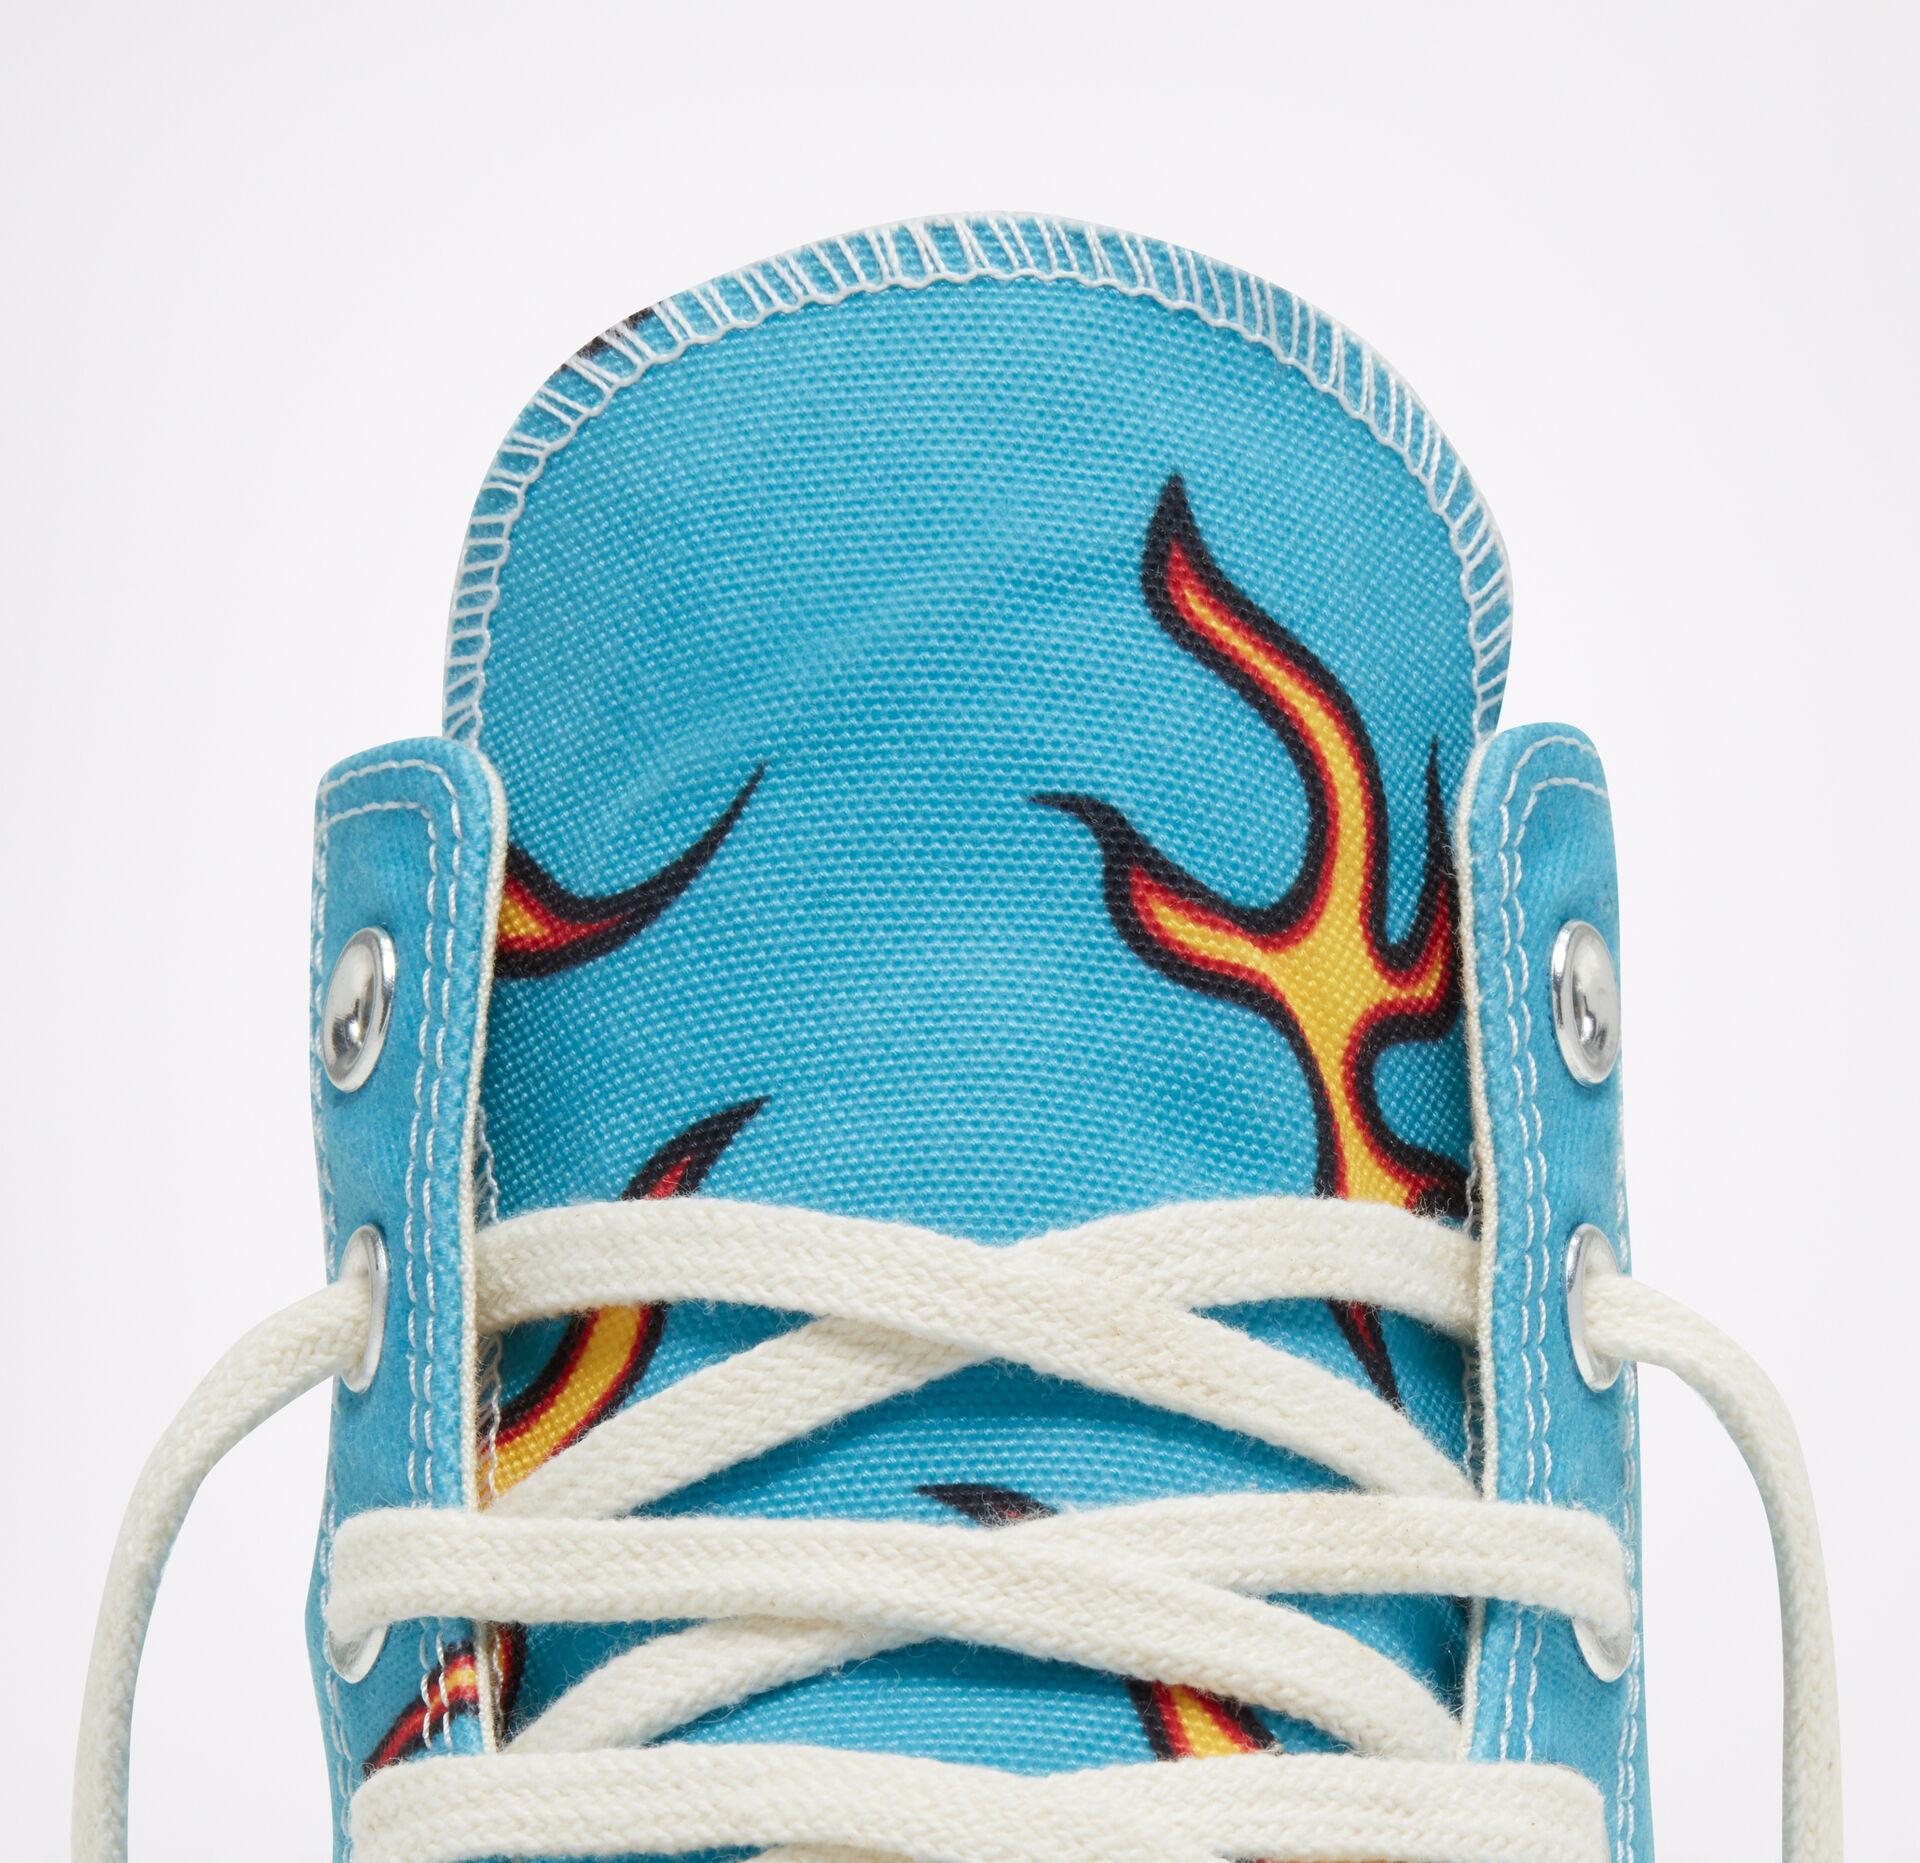 Converse x GOLF le FLEUR* Flames Chuck 7